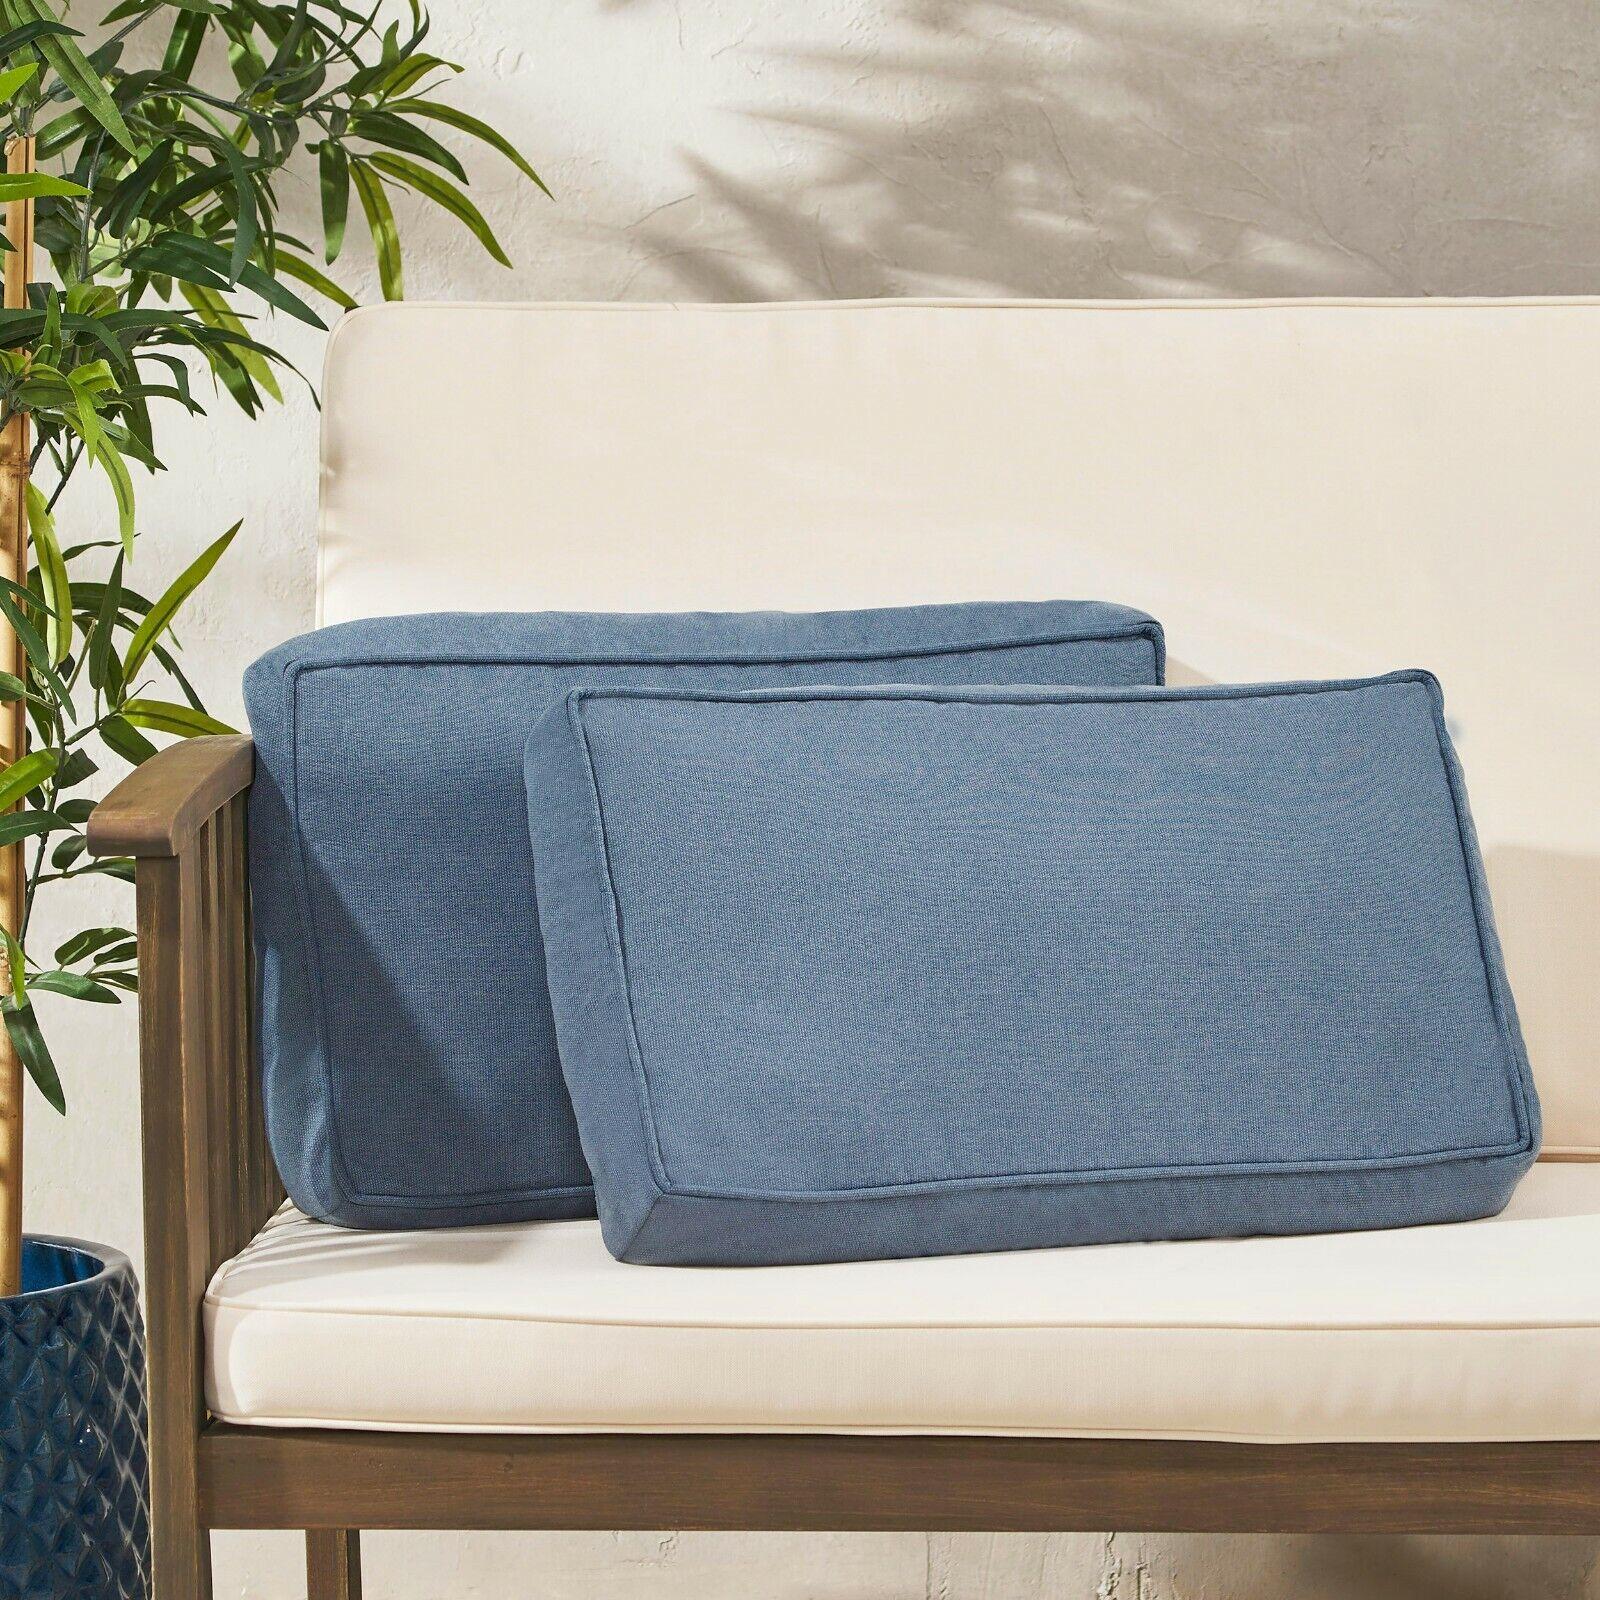 Rydder Coast Outdoor Rectanglular Water Resistant 12″x20″ Lumbar Pillows Home & Garden